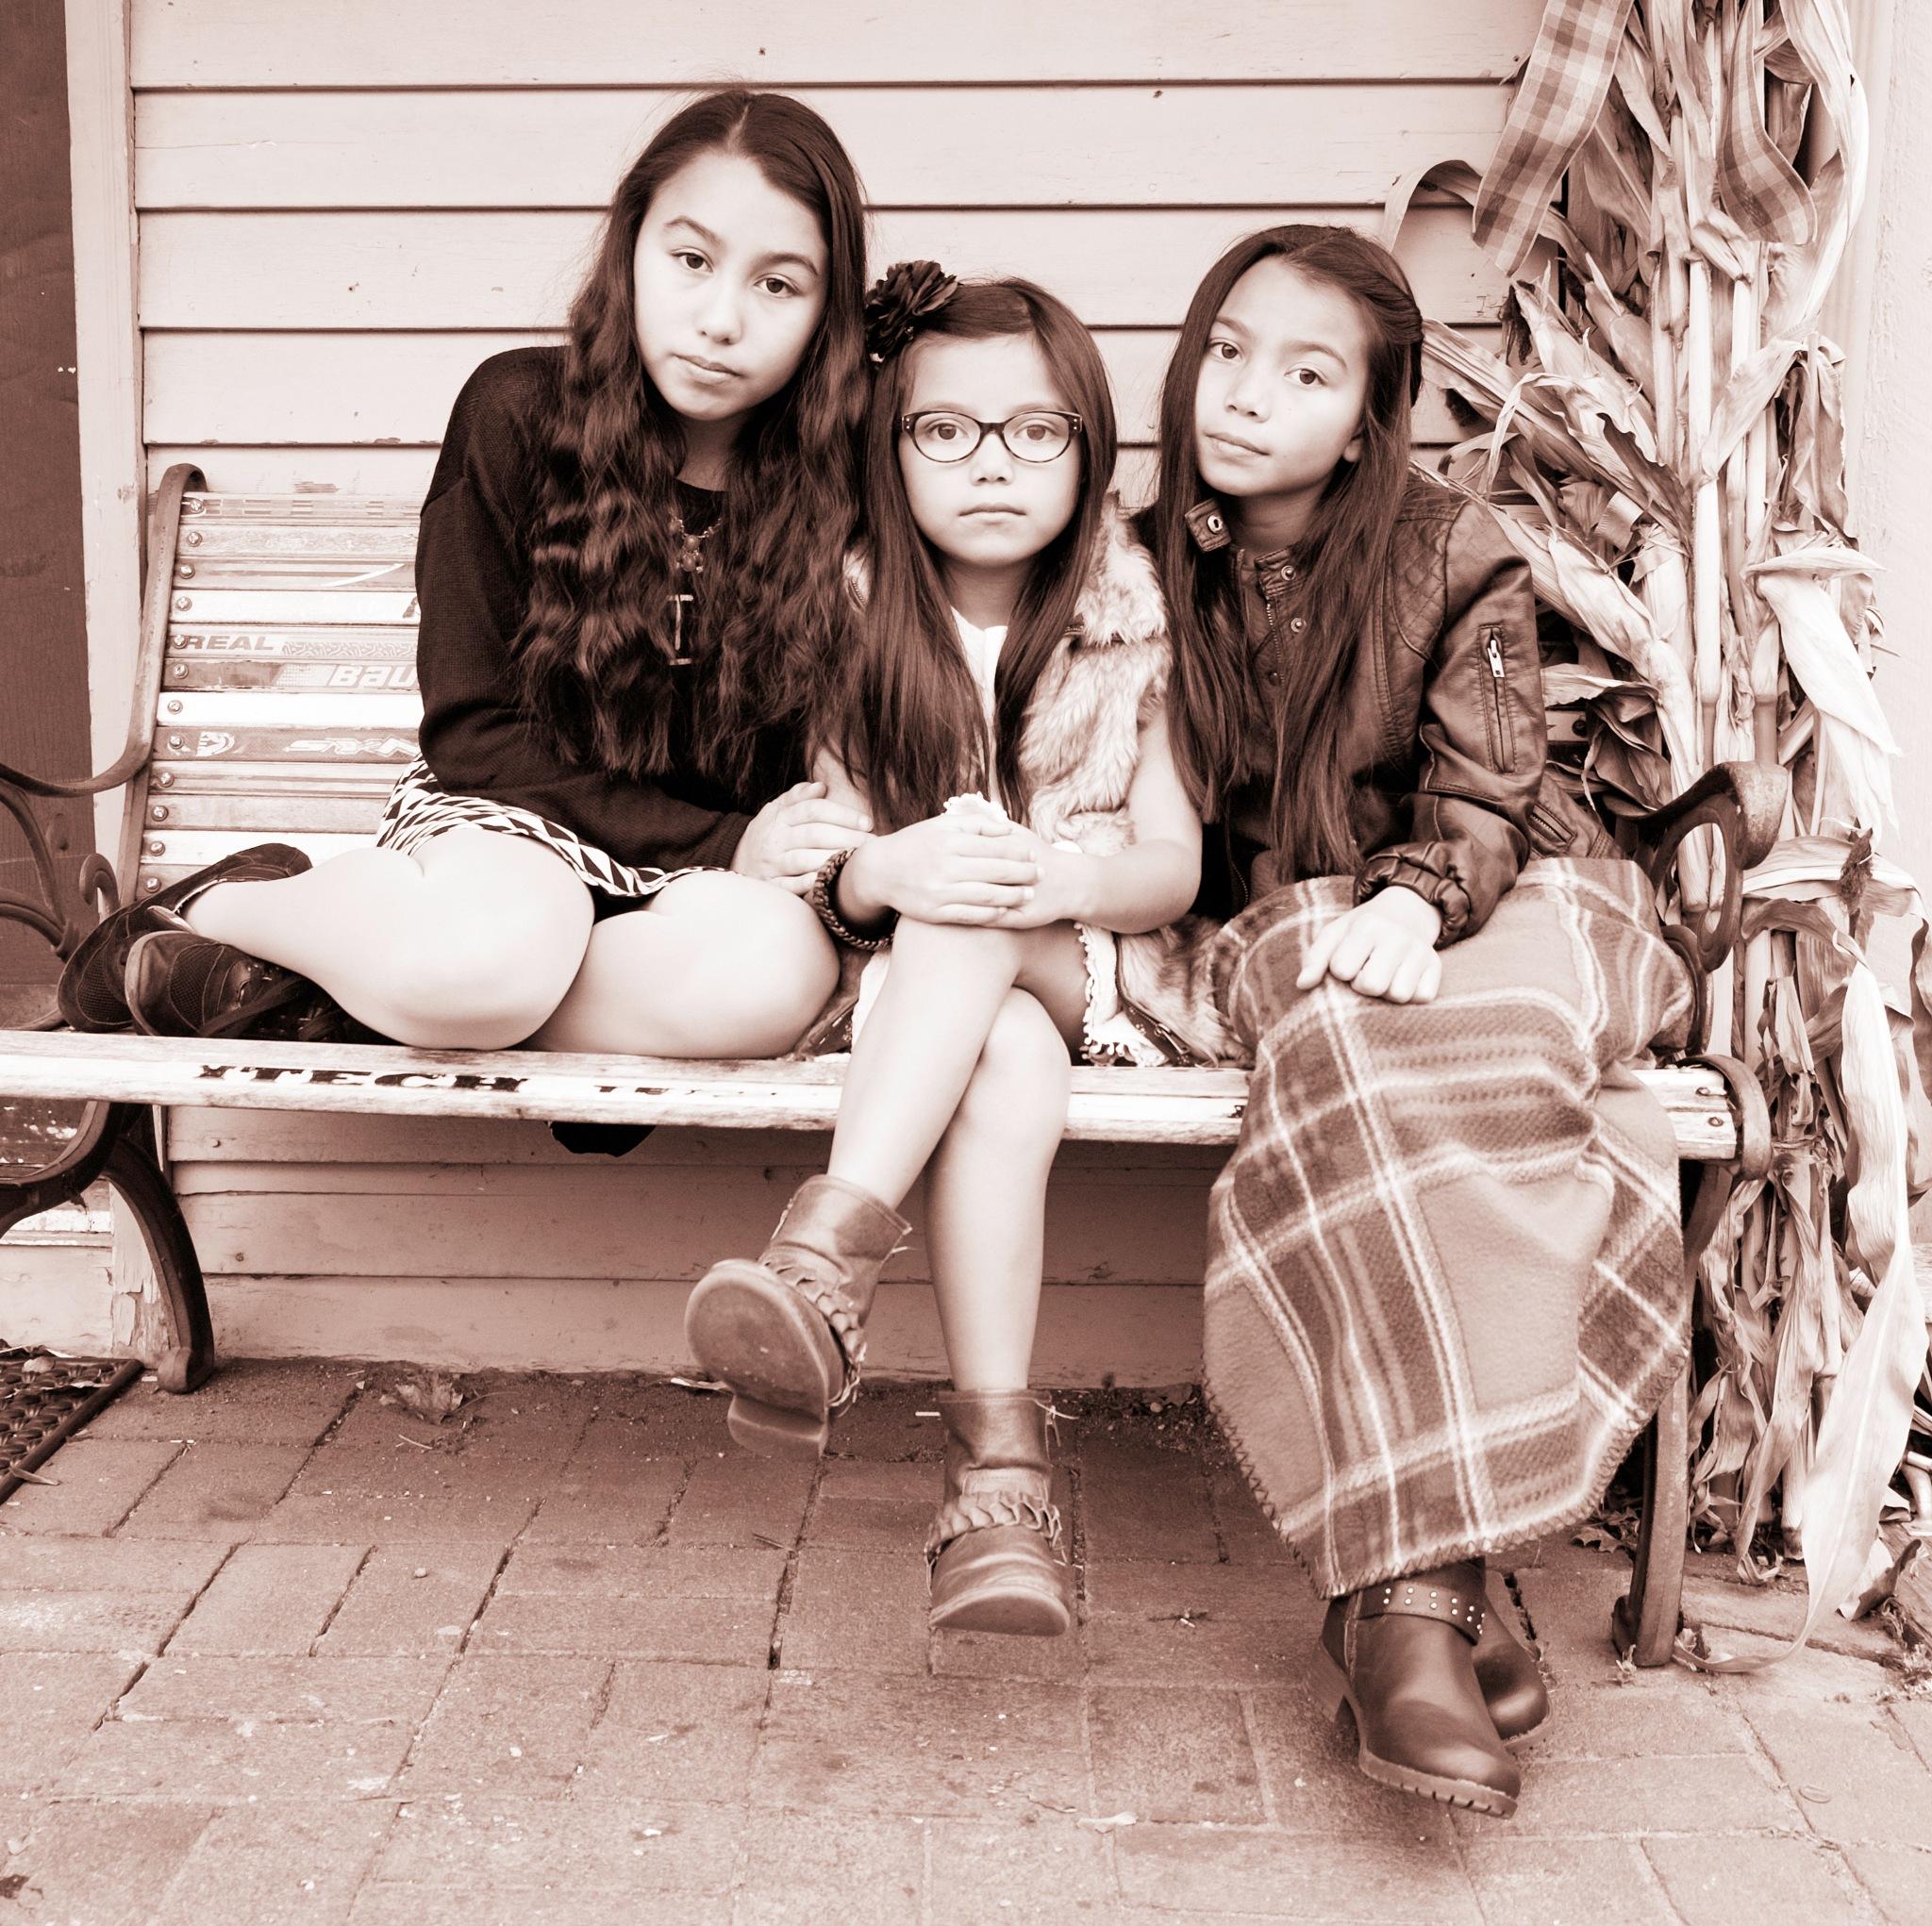 Sisters by Wickersham Studios